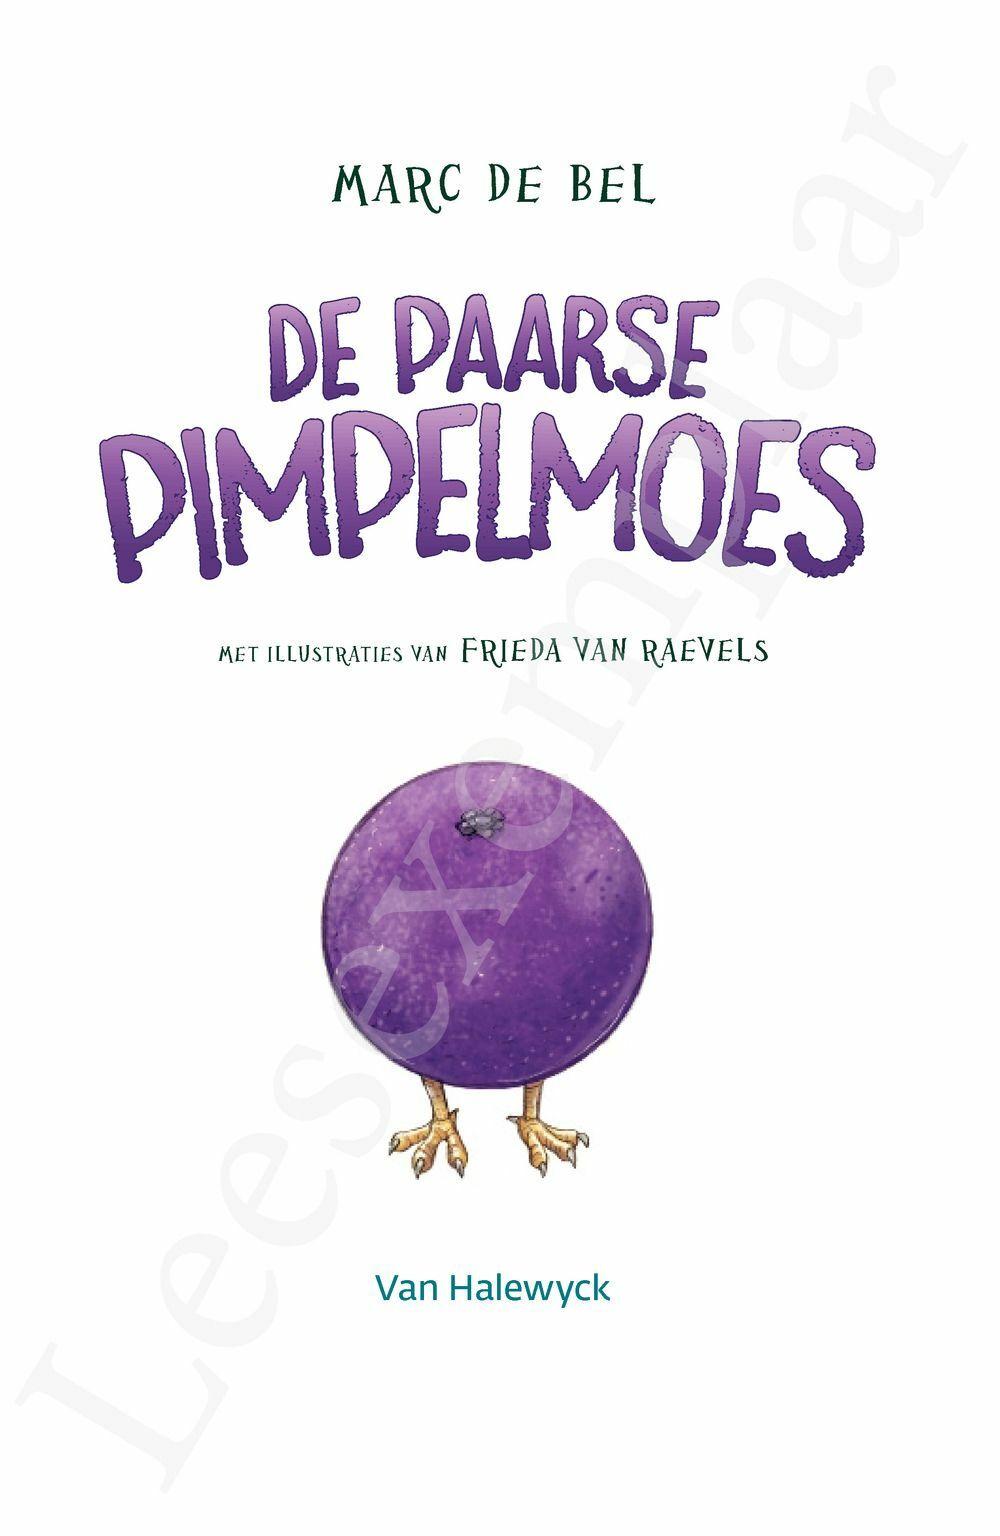 Preview: De paarse pimpelmoes